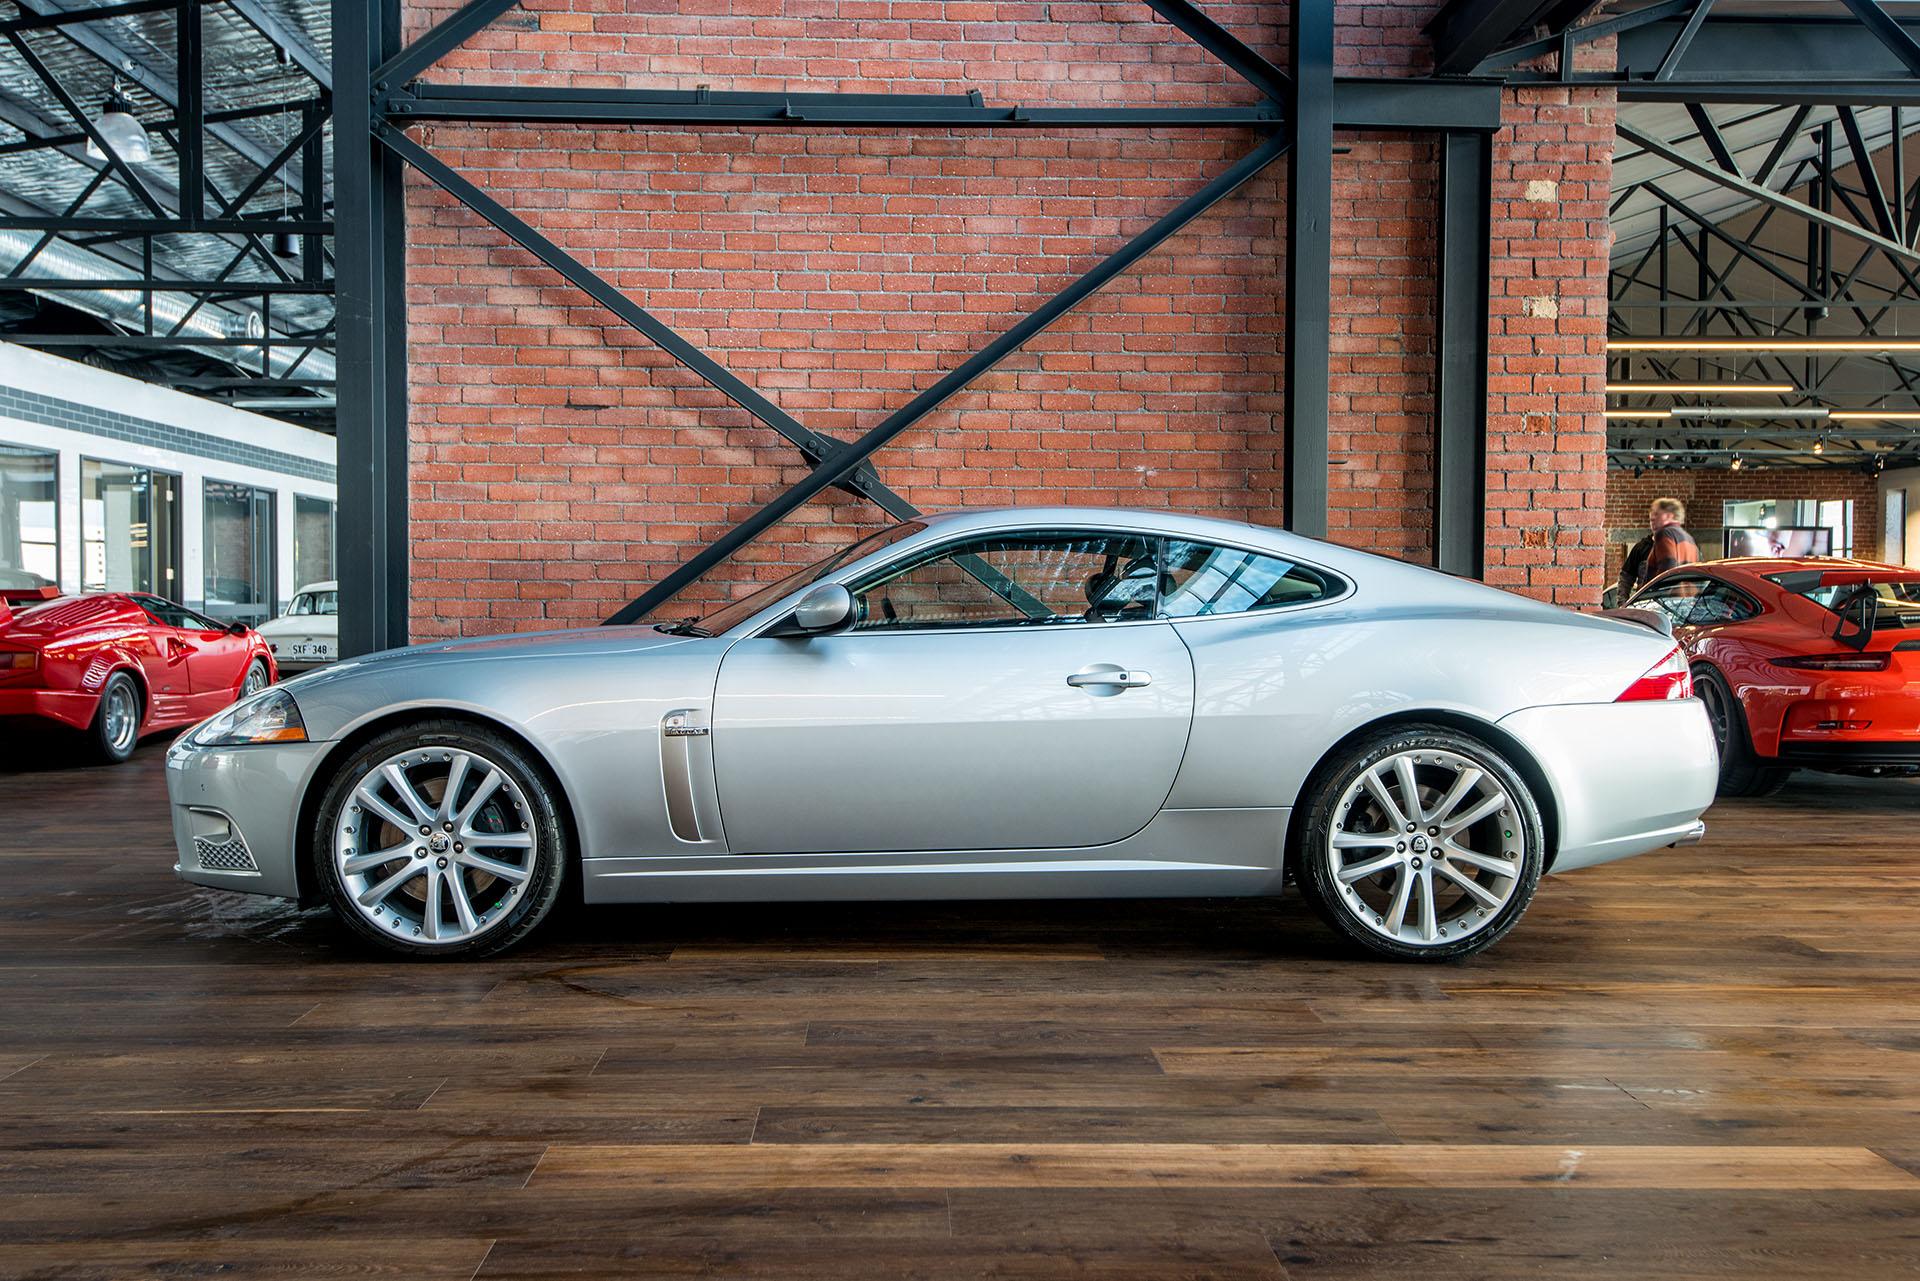 2007 Jaguar XKR Coupe - Richmonds - Classic and Prestige ...